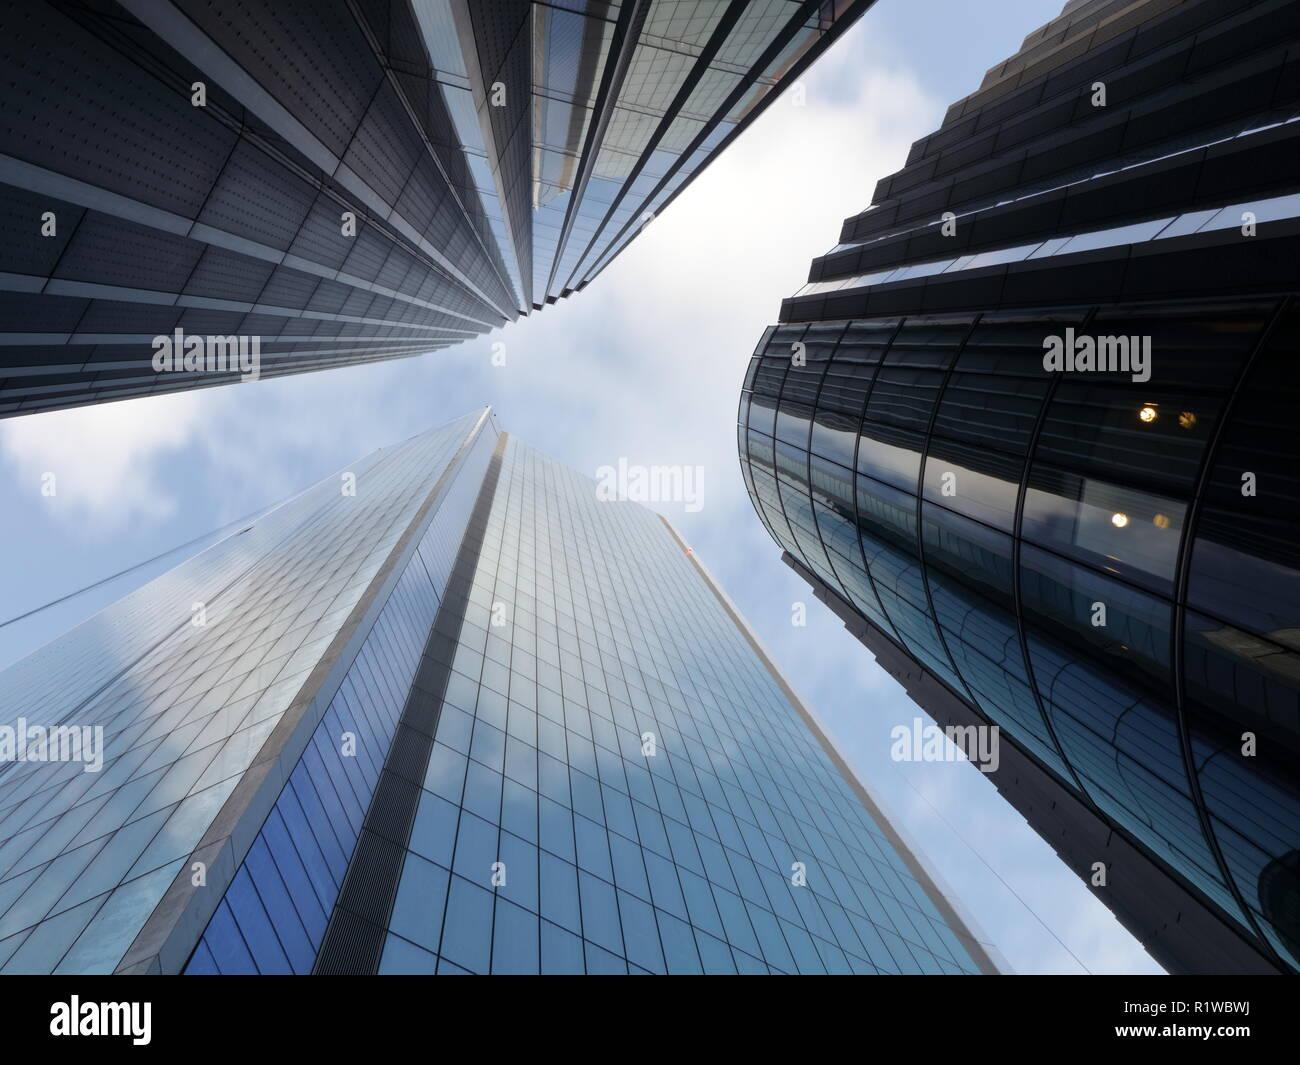 Guardare in alto accanto ai grattacieli con sky riflessioni sugli alti edifici della città di Londra. Città moderna look. Londra, Undershaft, Aviva Foto Stock